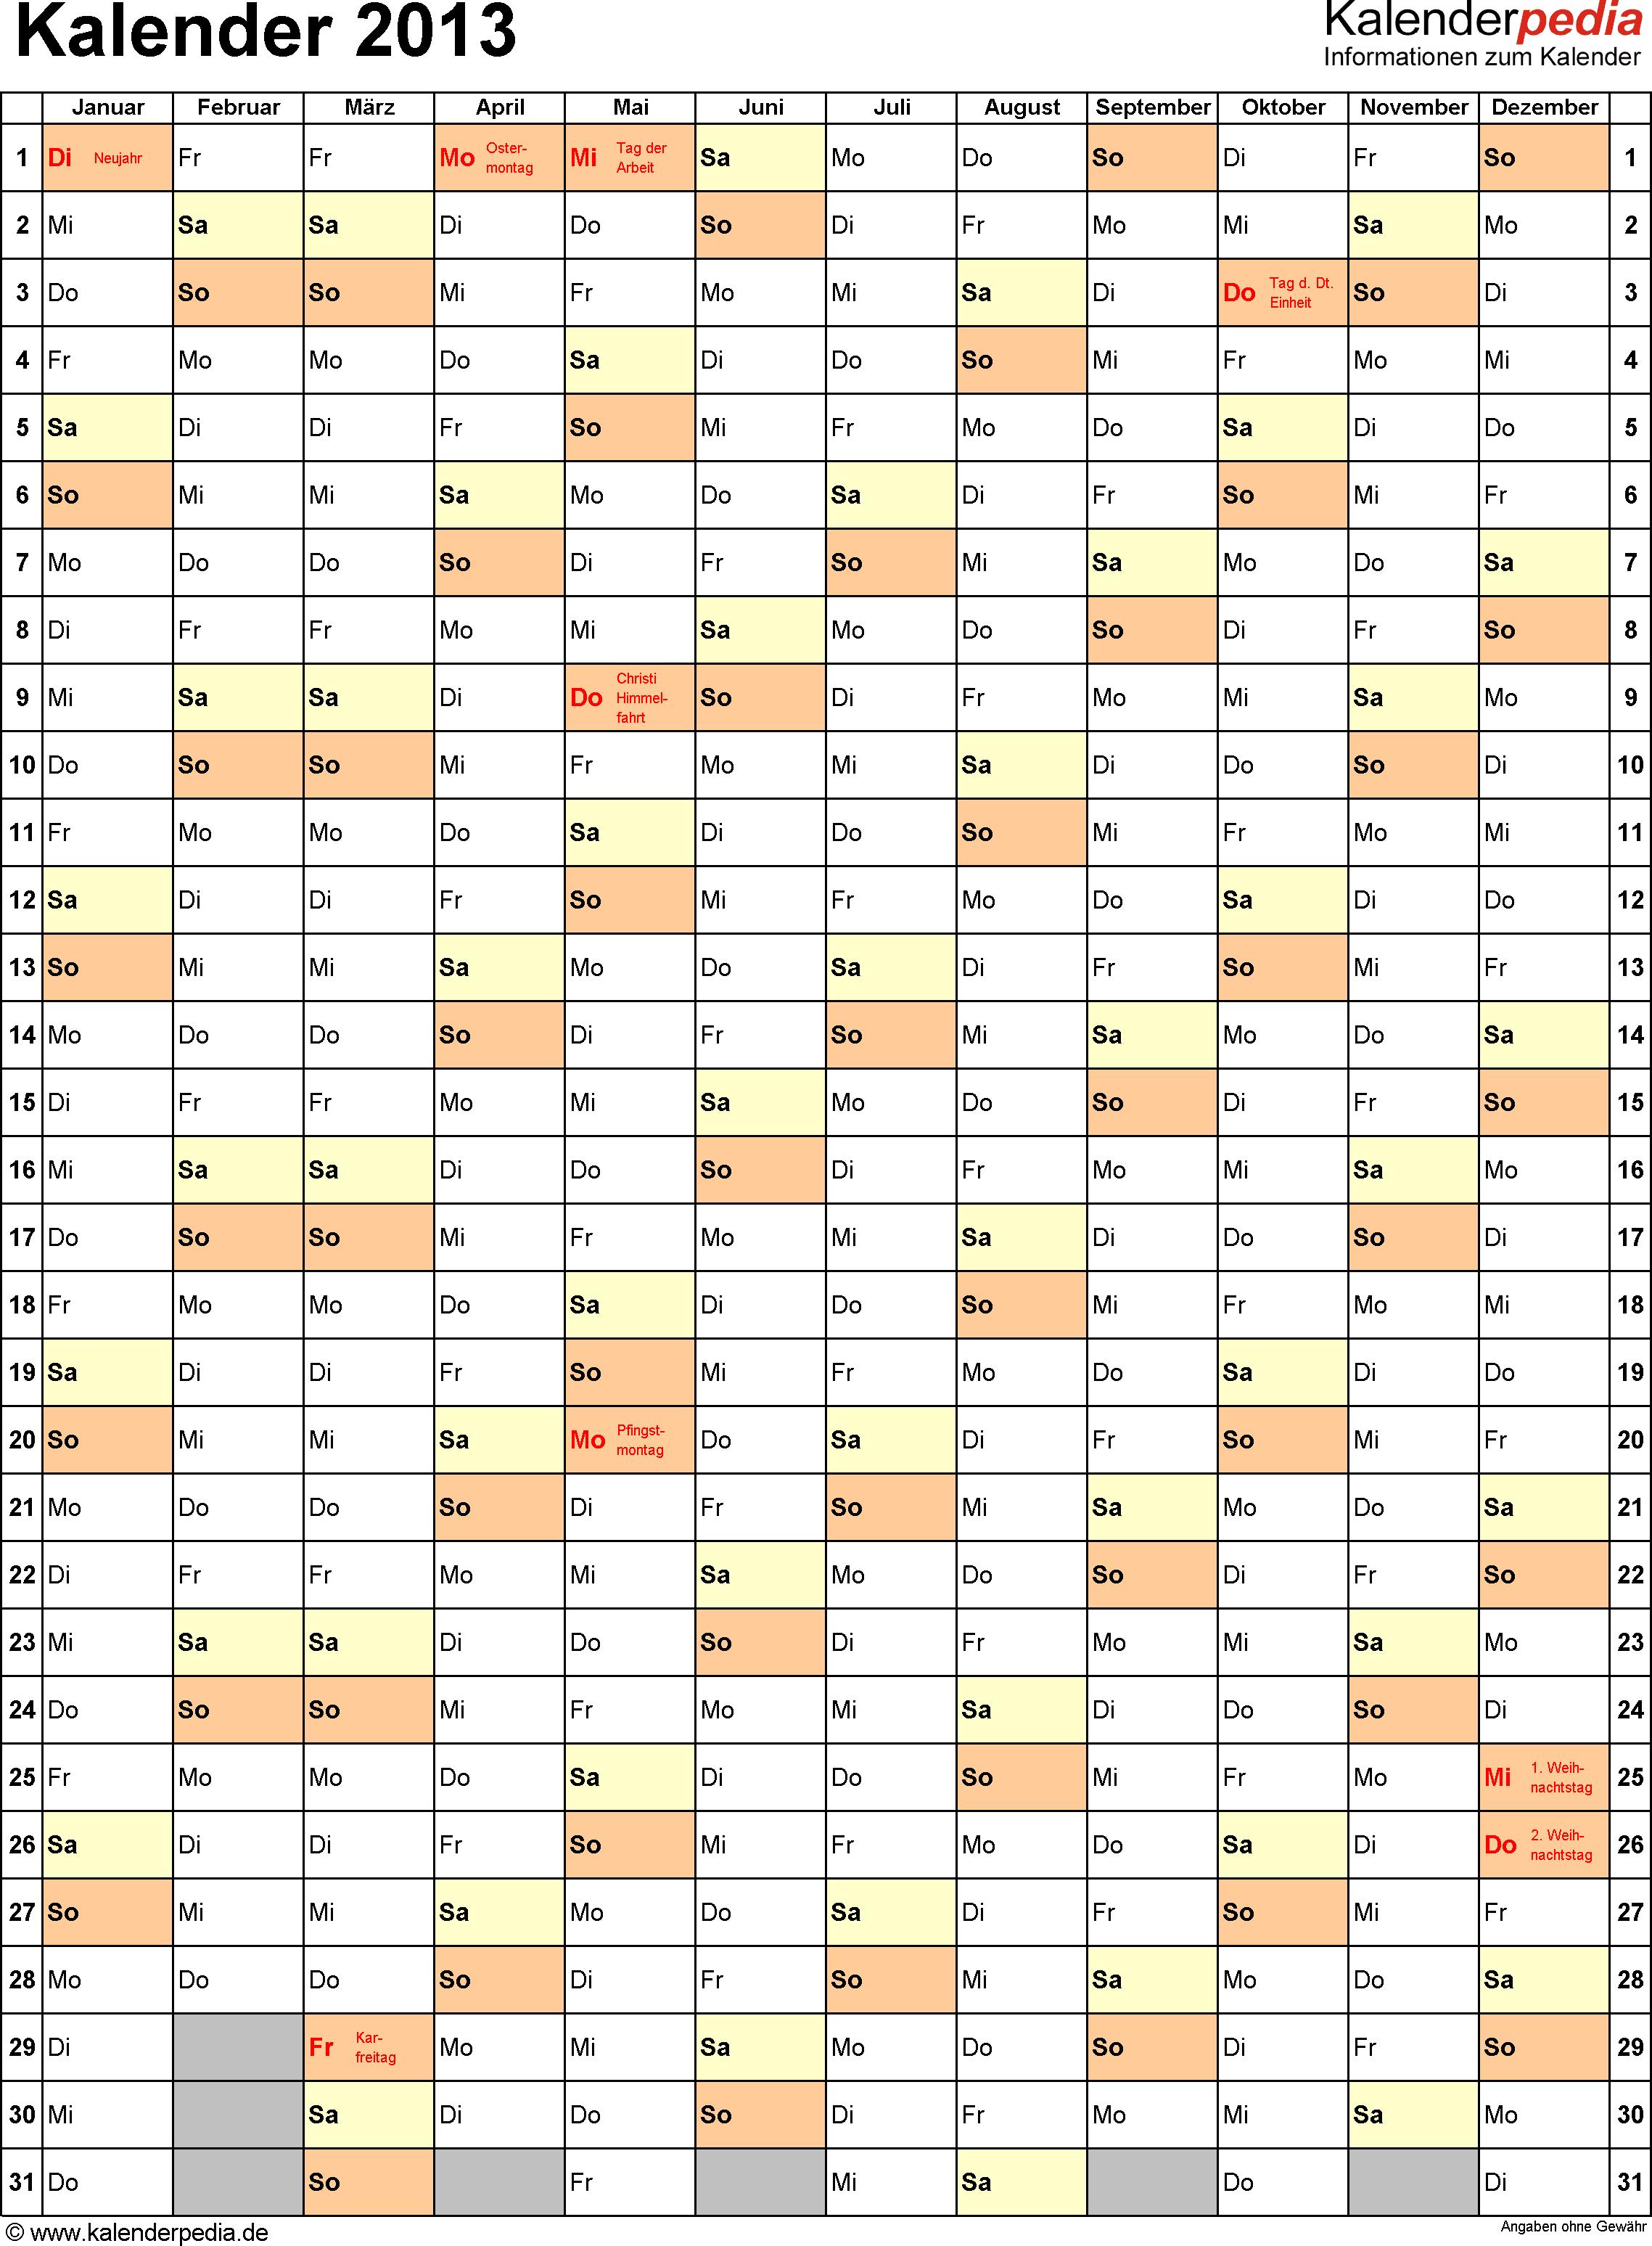 Vorlage 8: Jahreskalender 2013 als Excel-Vorlage, Hochformat, 1 DIN A4 Seite, mit Feiertagen (ganz Deutschland), geeignet für alle Excel-Versionen